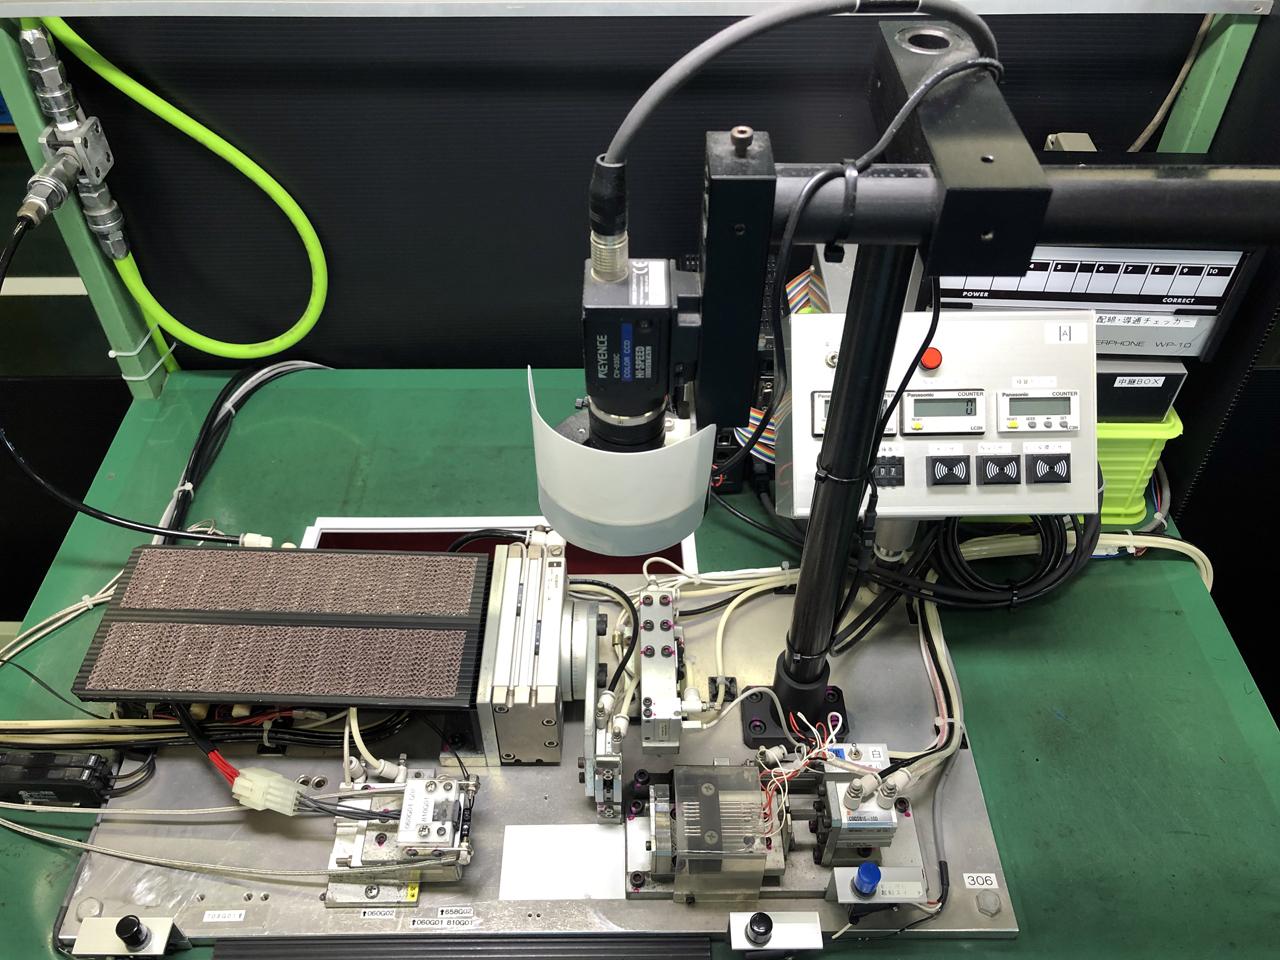 画像センサー付きハーネス試験機(自社設計製作品)